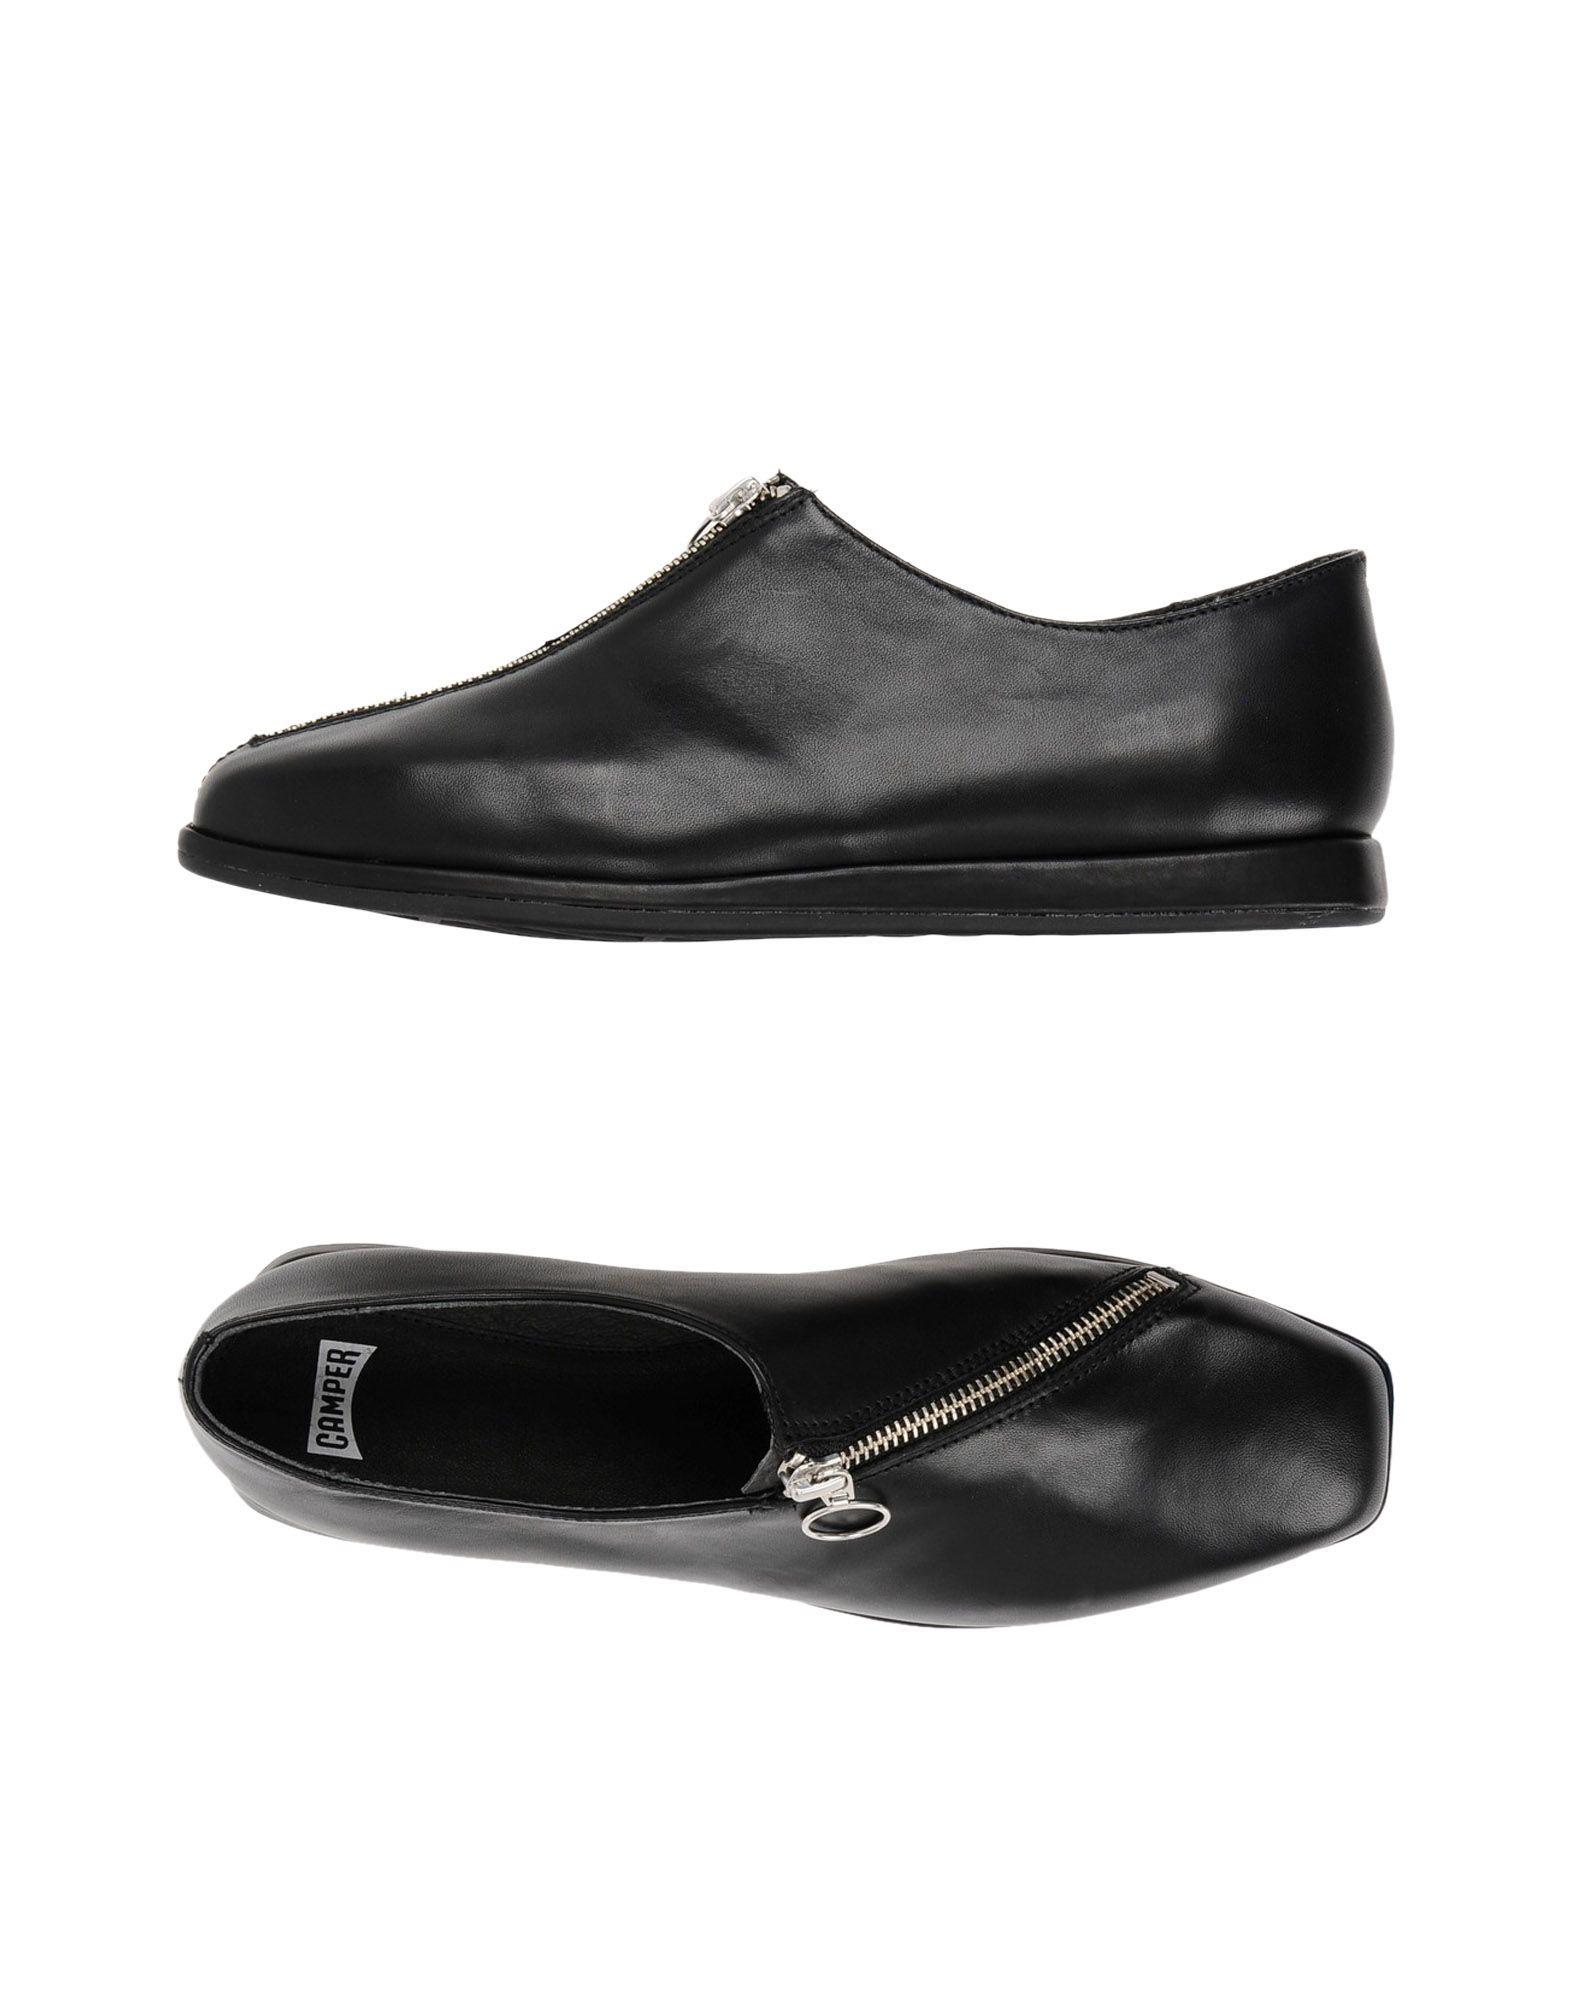 Camper Mokassins Damen  11434508JKGut aussehende strapazierfähige Schuhe